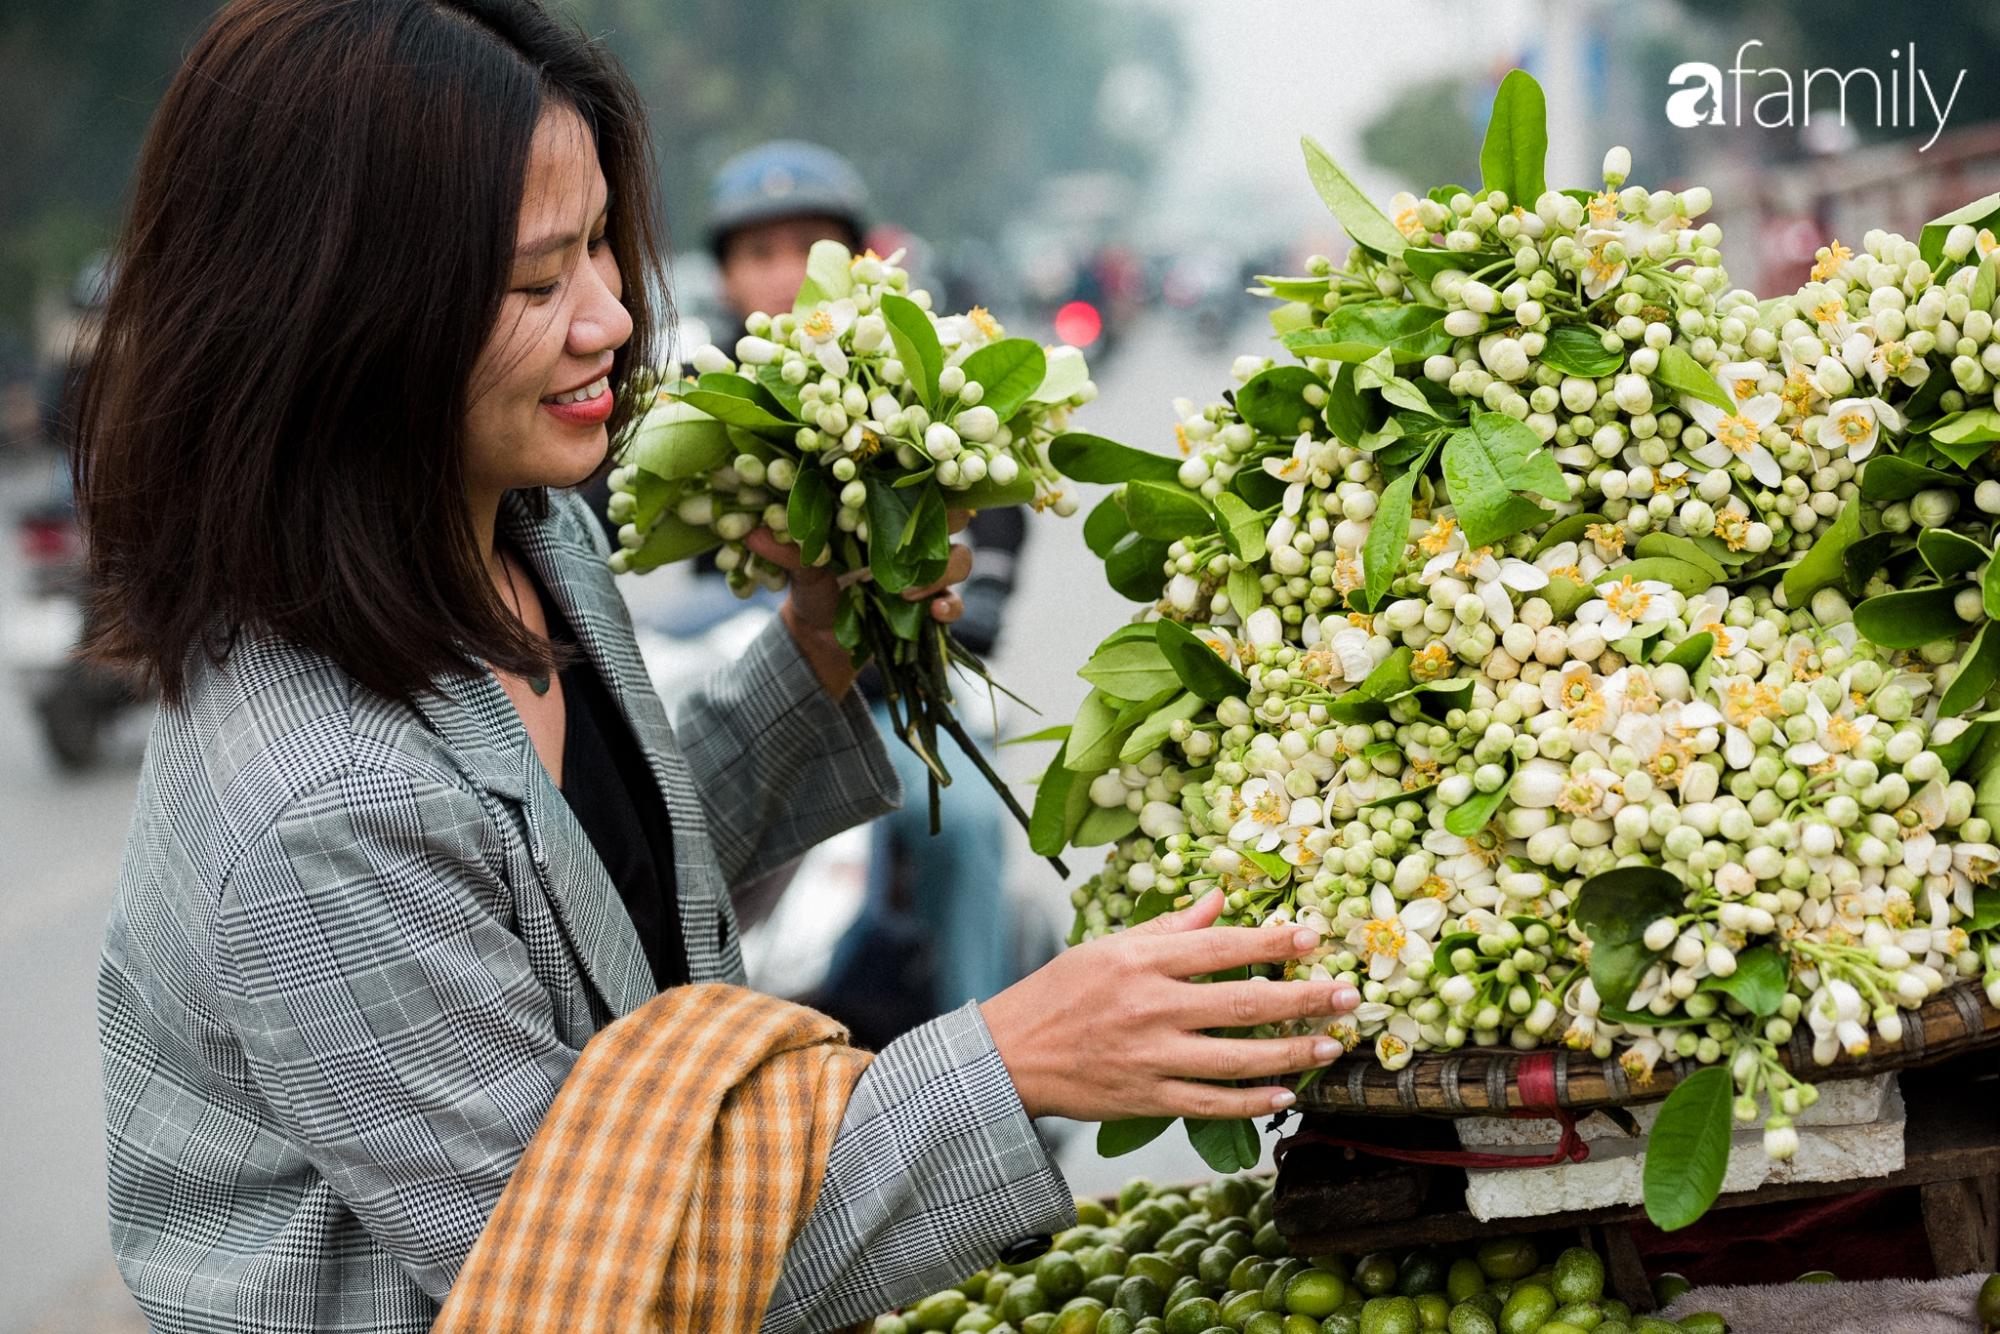 """Hoa bưởi - loài hoa quê kiểng """"ướp"""" thơm chốn kinh kỳ tháng Giêng hai - Ảnh 1."""